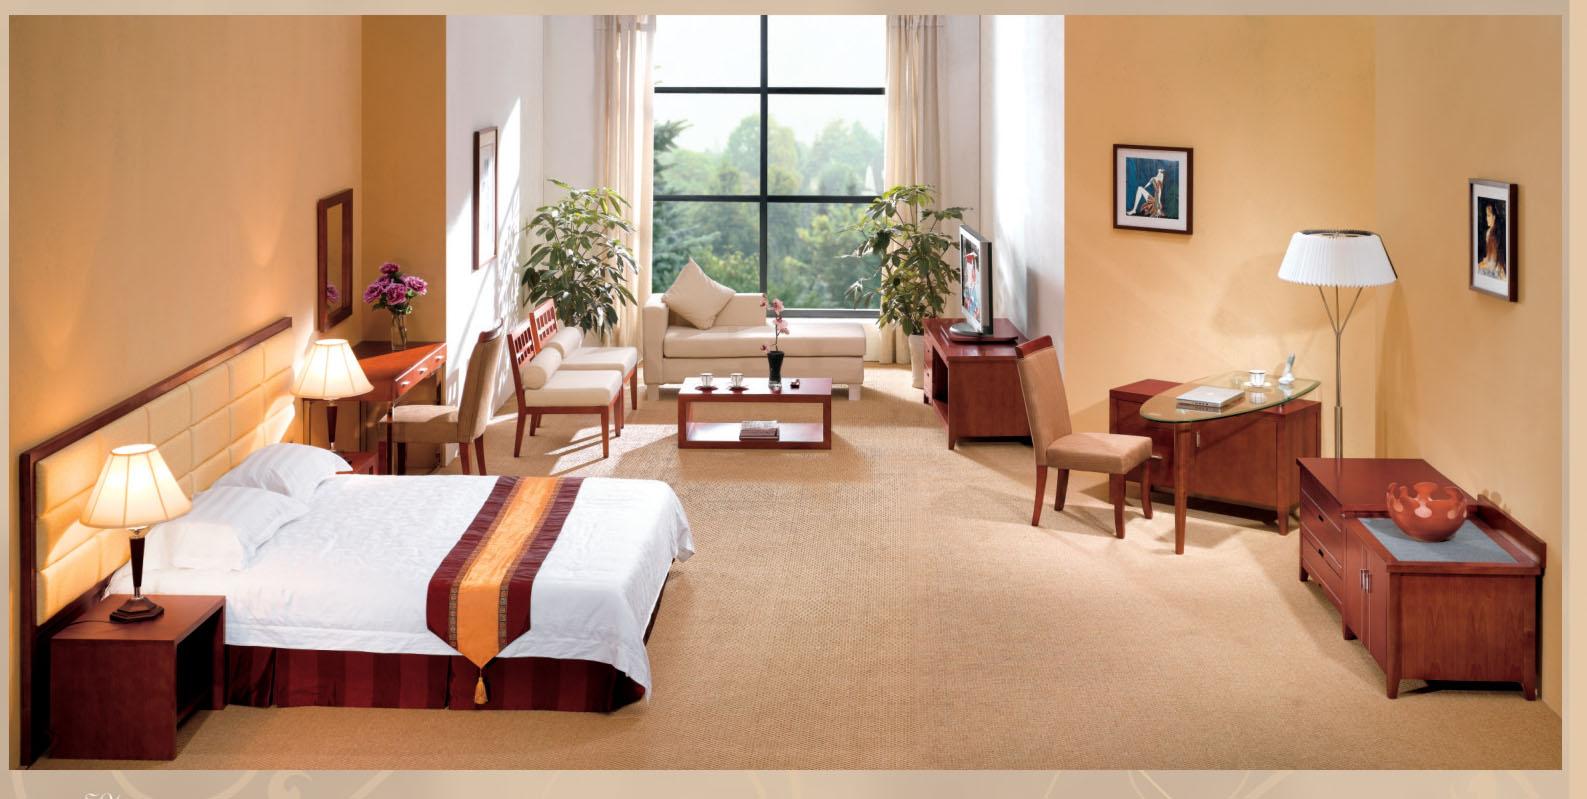 酒店家具应该怎样清洗?